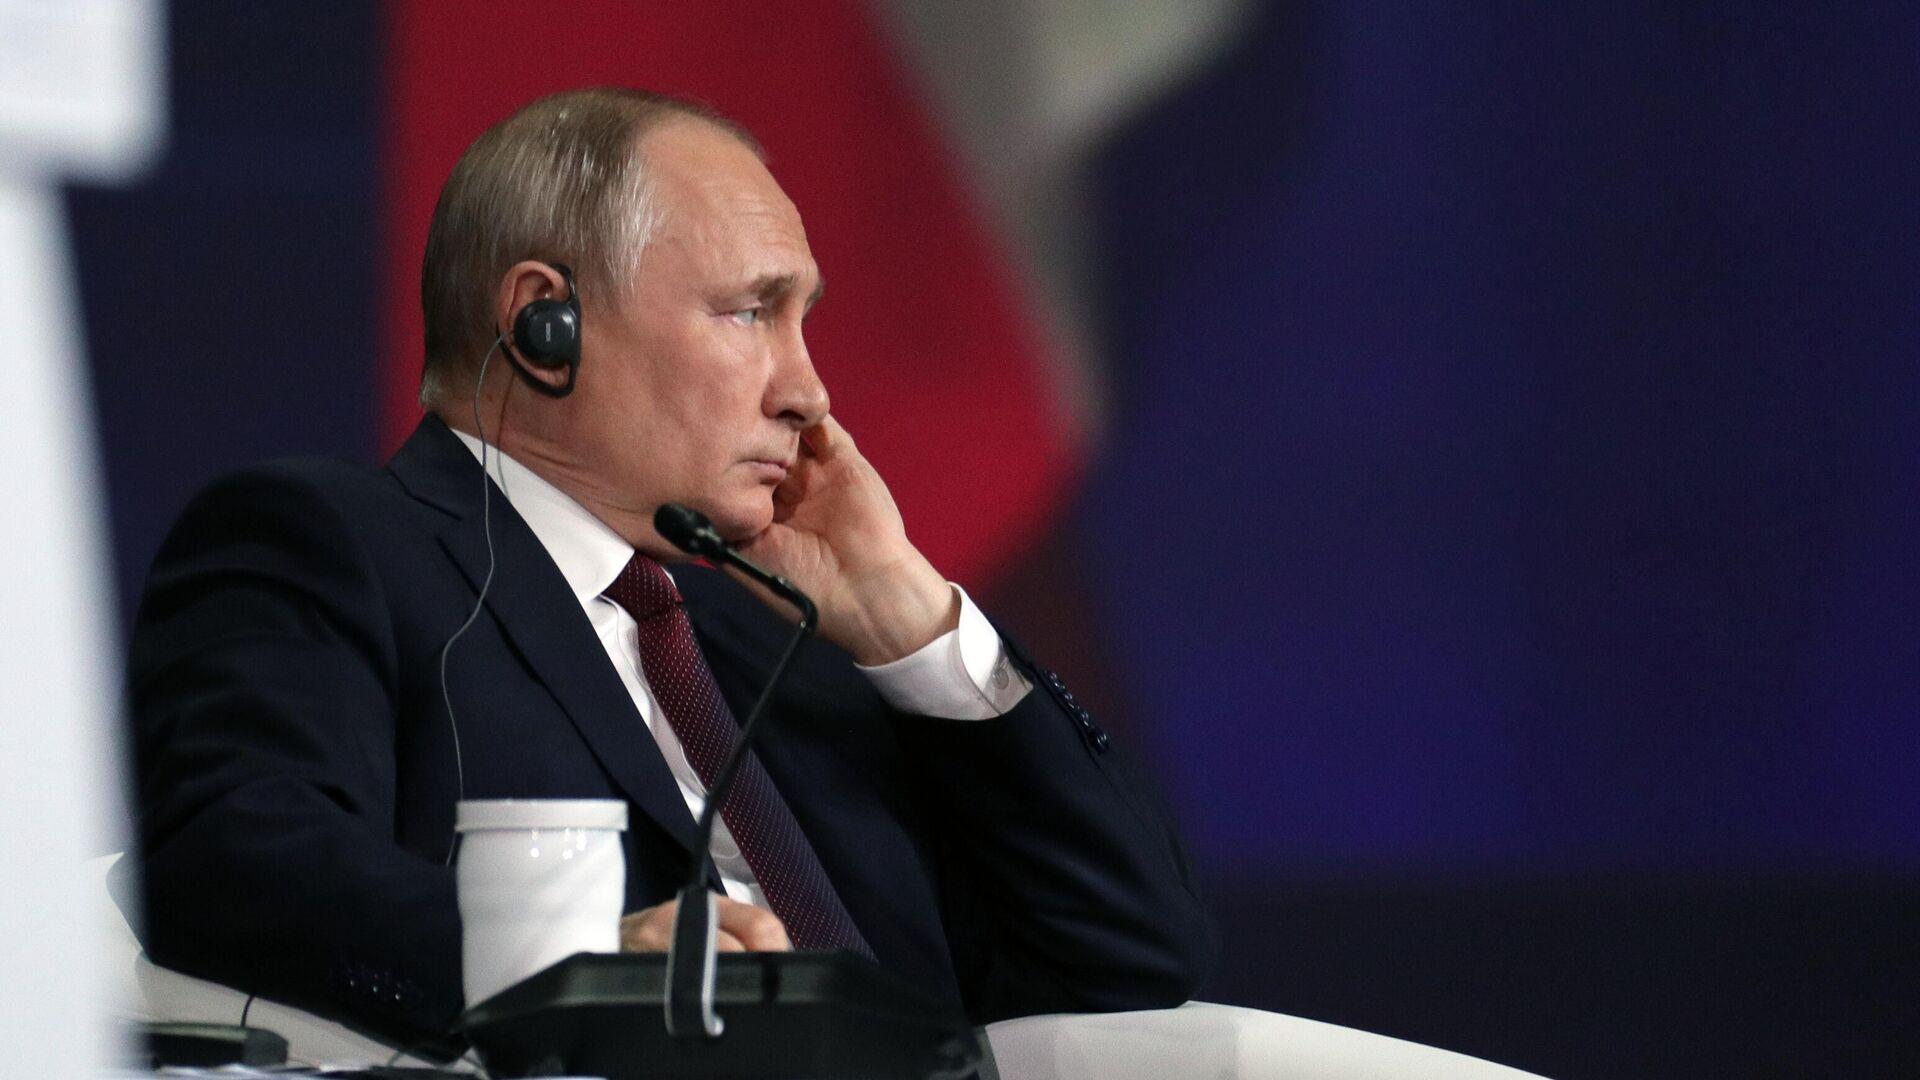 Президент РФ Владимир Путин на пленарном заседании в рамках Петербургского международного экономического форума - 2021 - РИА Новости, 1920, 04.06.2021